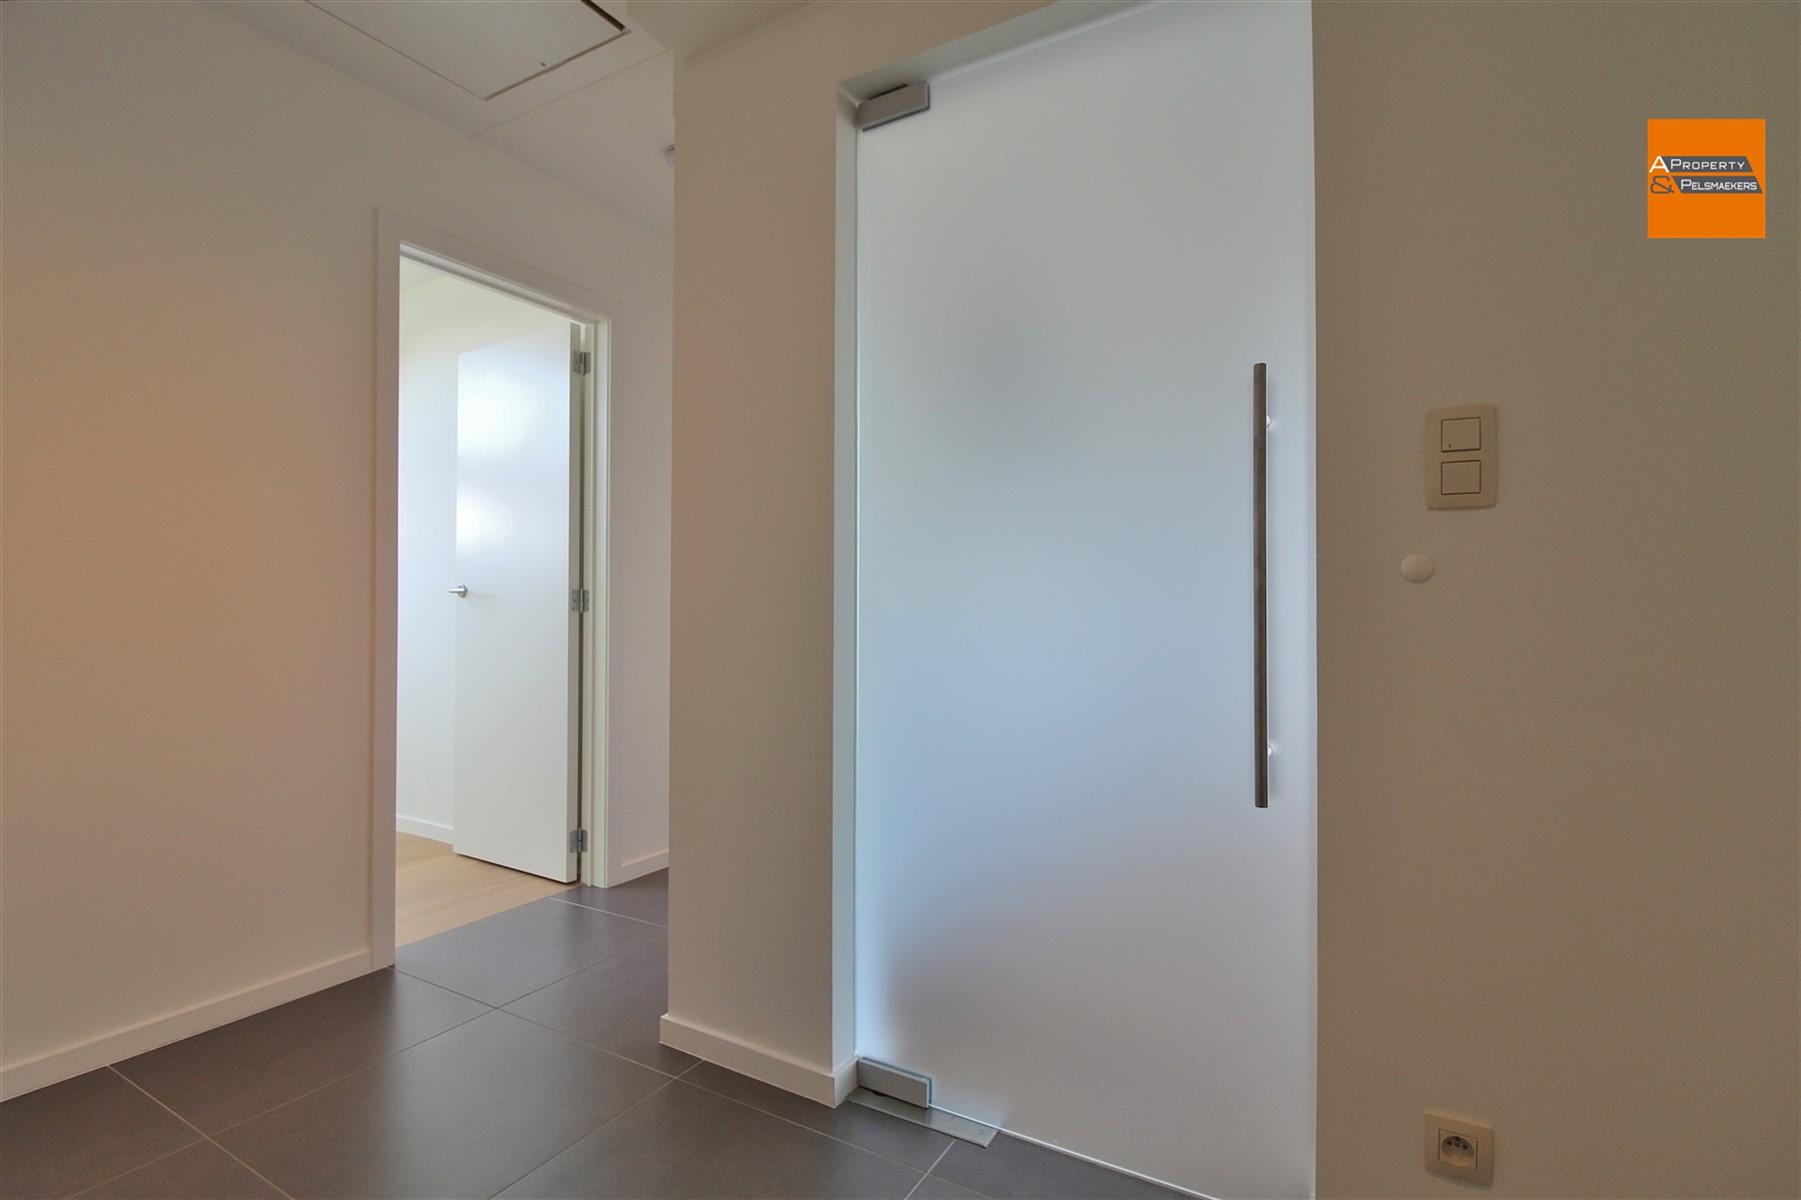 Image 11 : Appartement à 3078 MEERBEEK (Belgique) - Prix 284.000 €